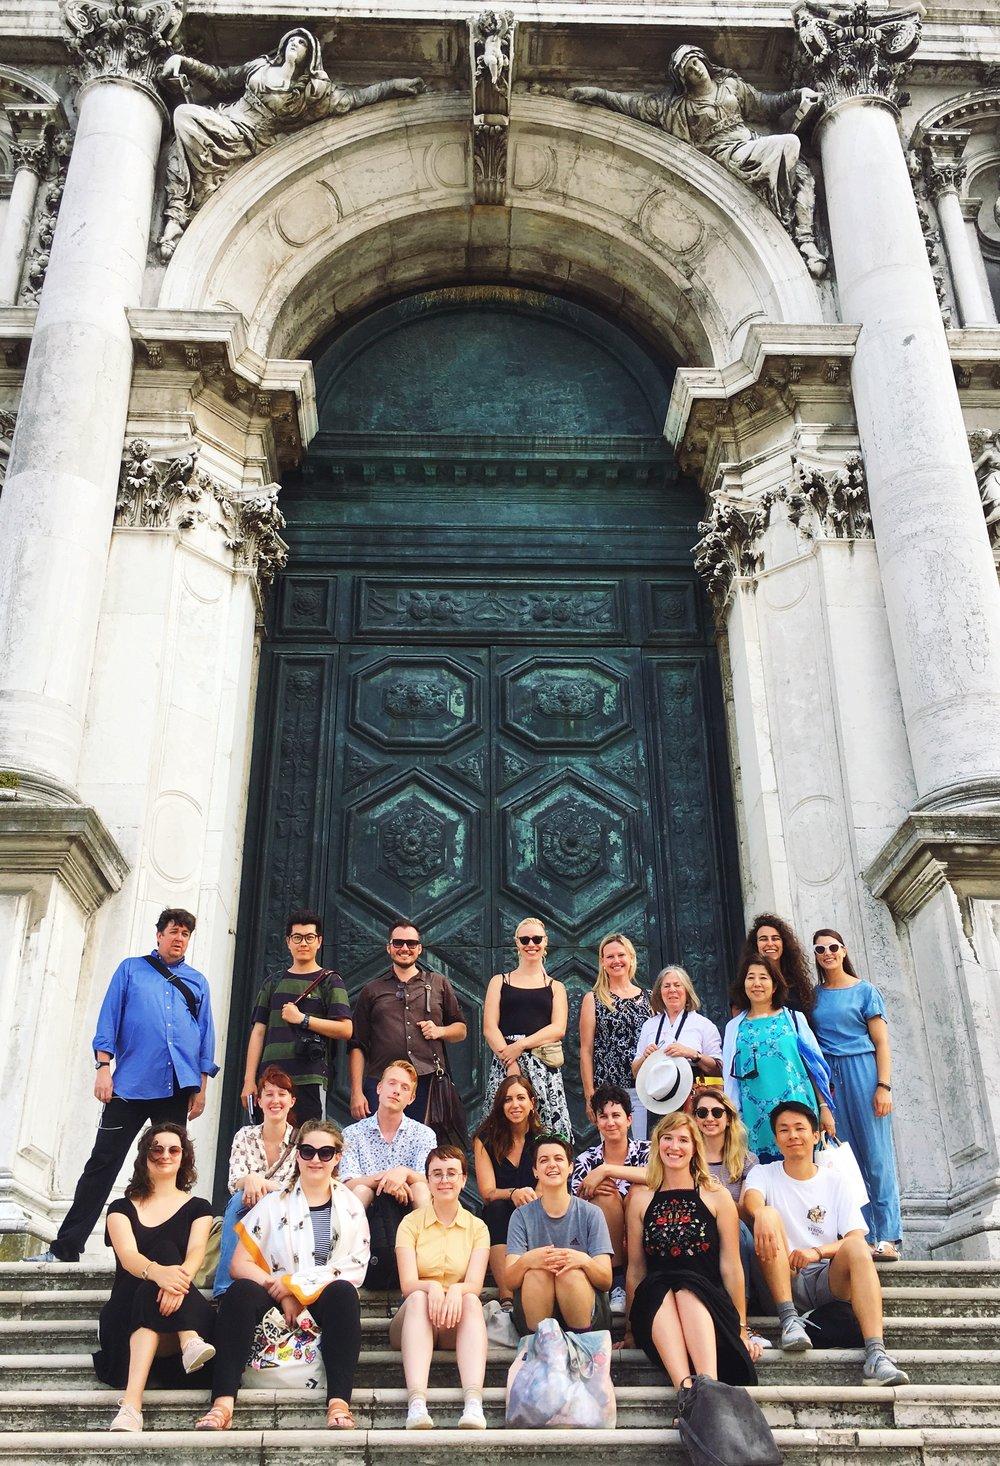 Class trip to Venice's Santa Maria della Salute